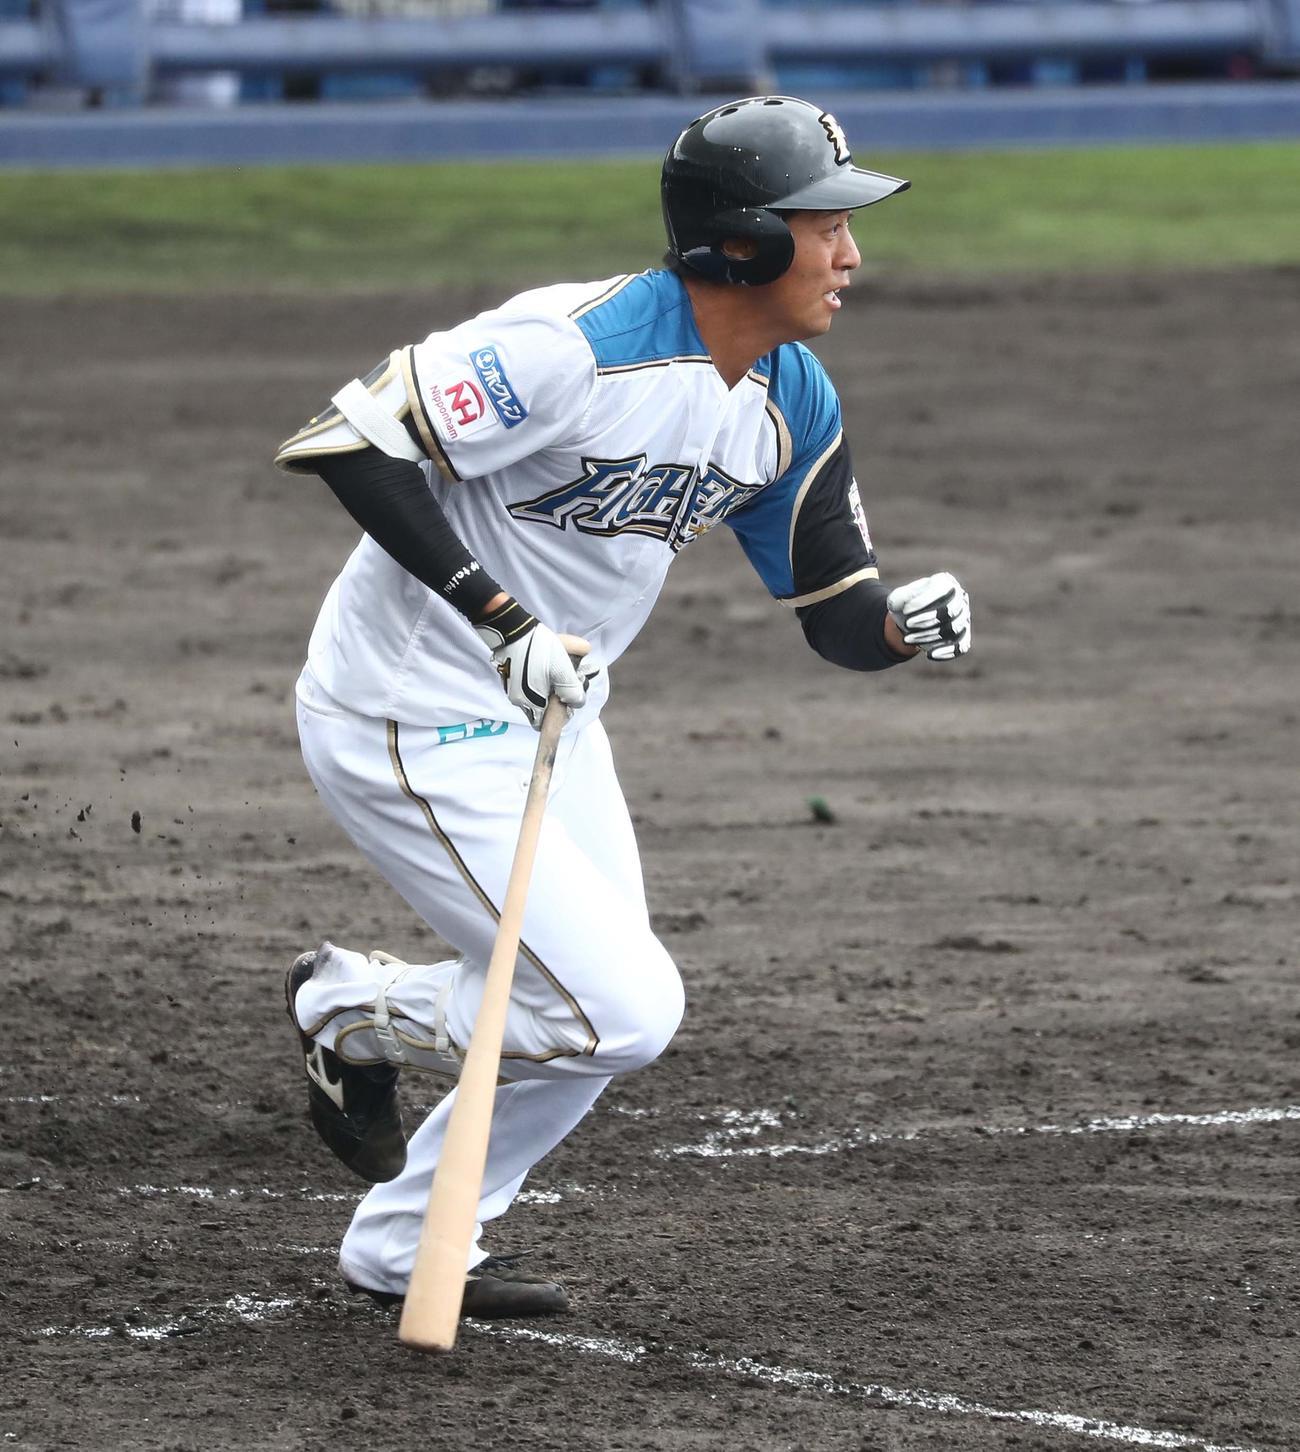 練習試合 日本ハム対DeNA 7回裏日本ハム1死一塁、投手強襲安打を放つ古川(撮影・黒川智章)